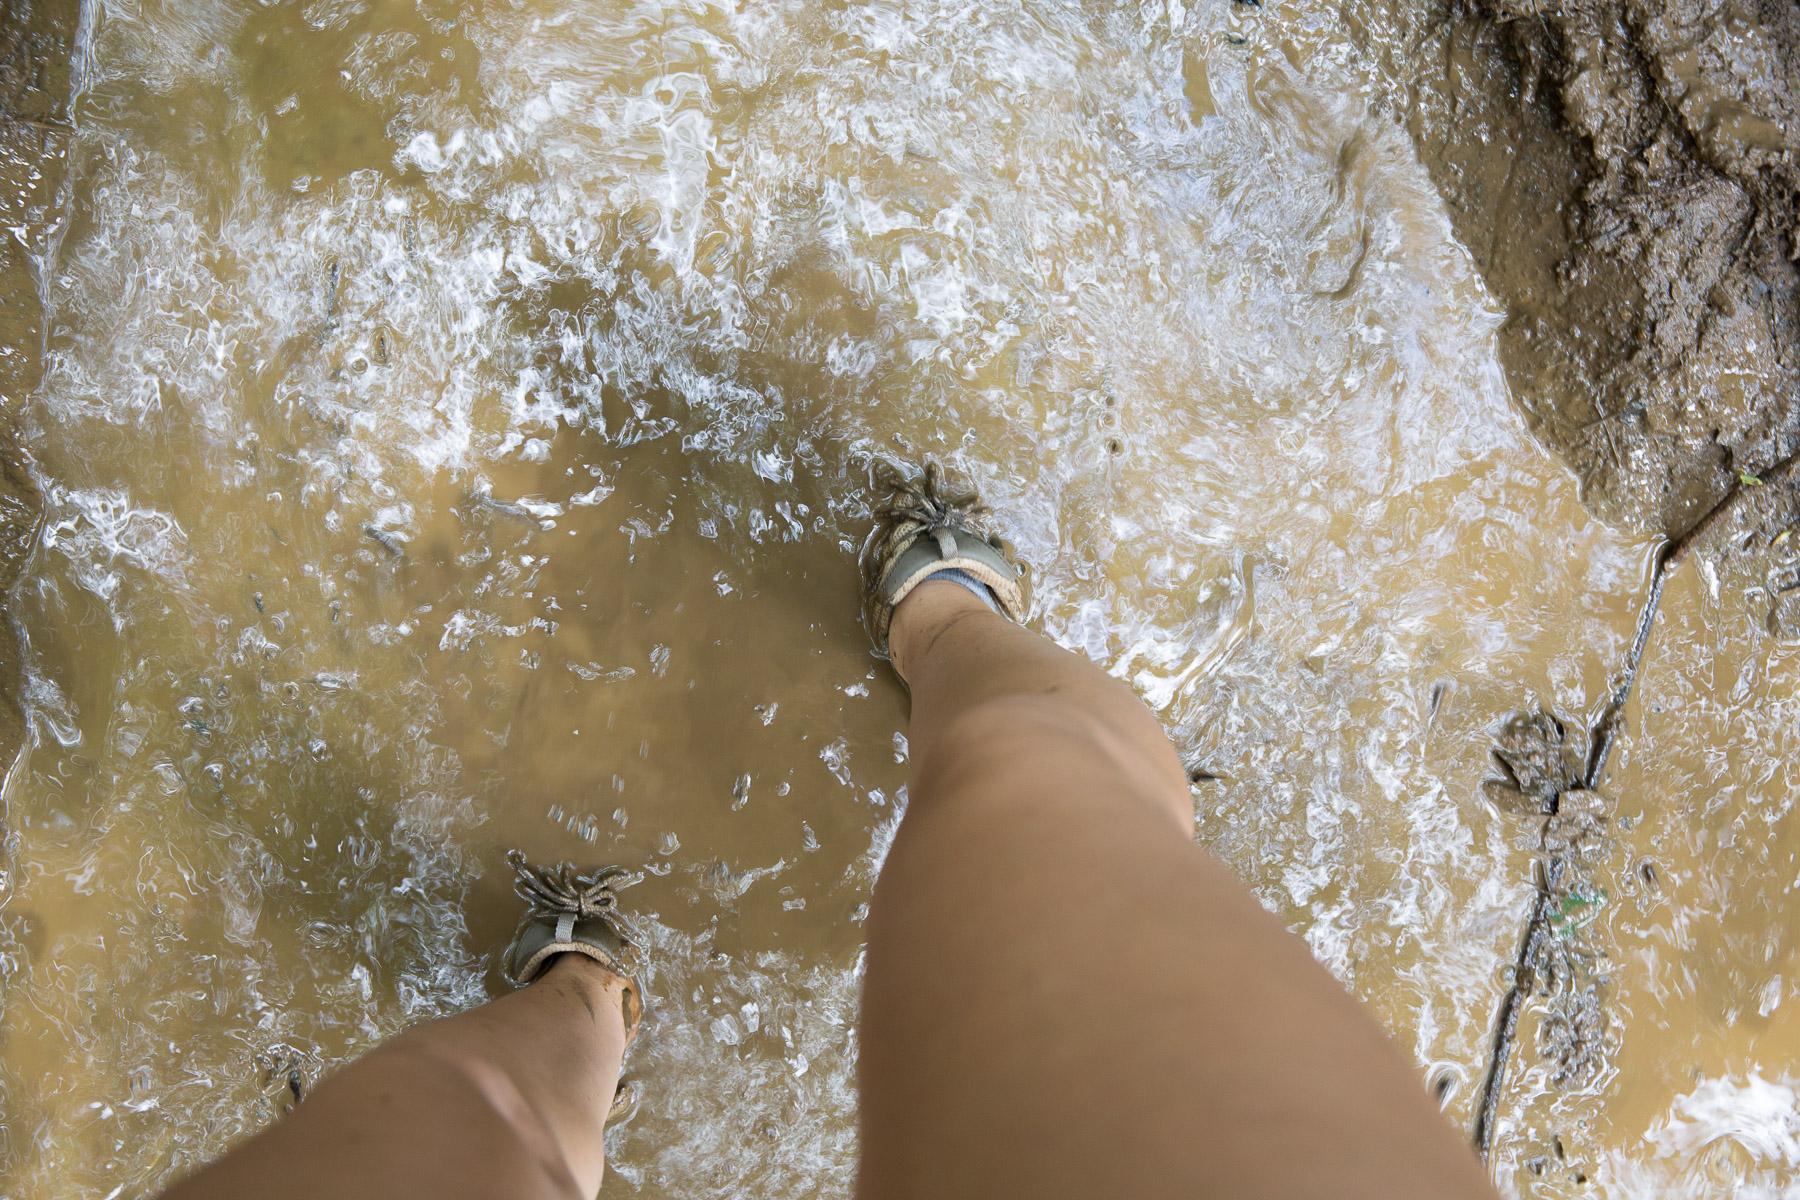 hike-kauai-good-shoes.jpg